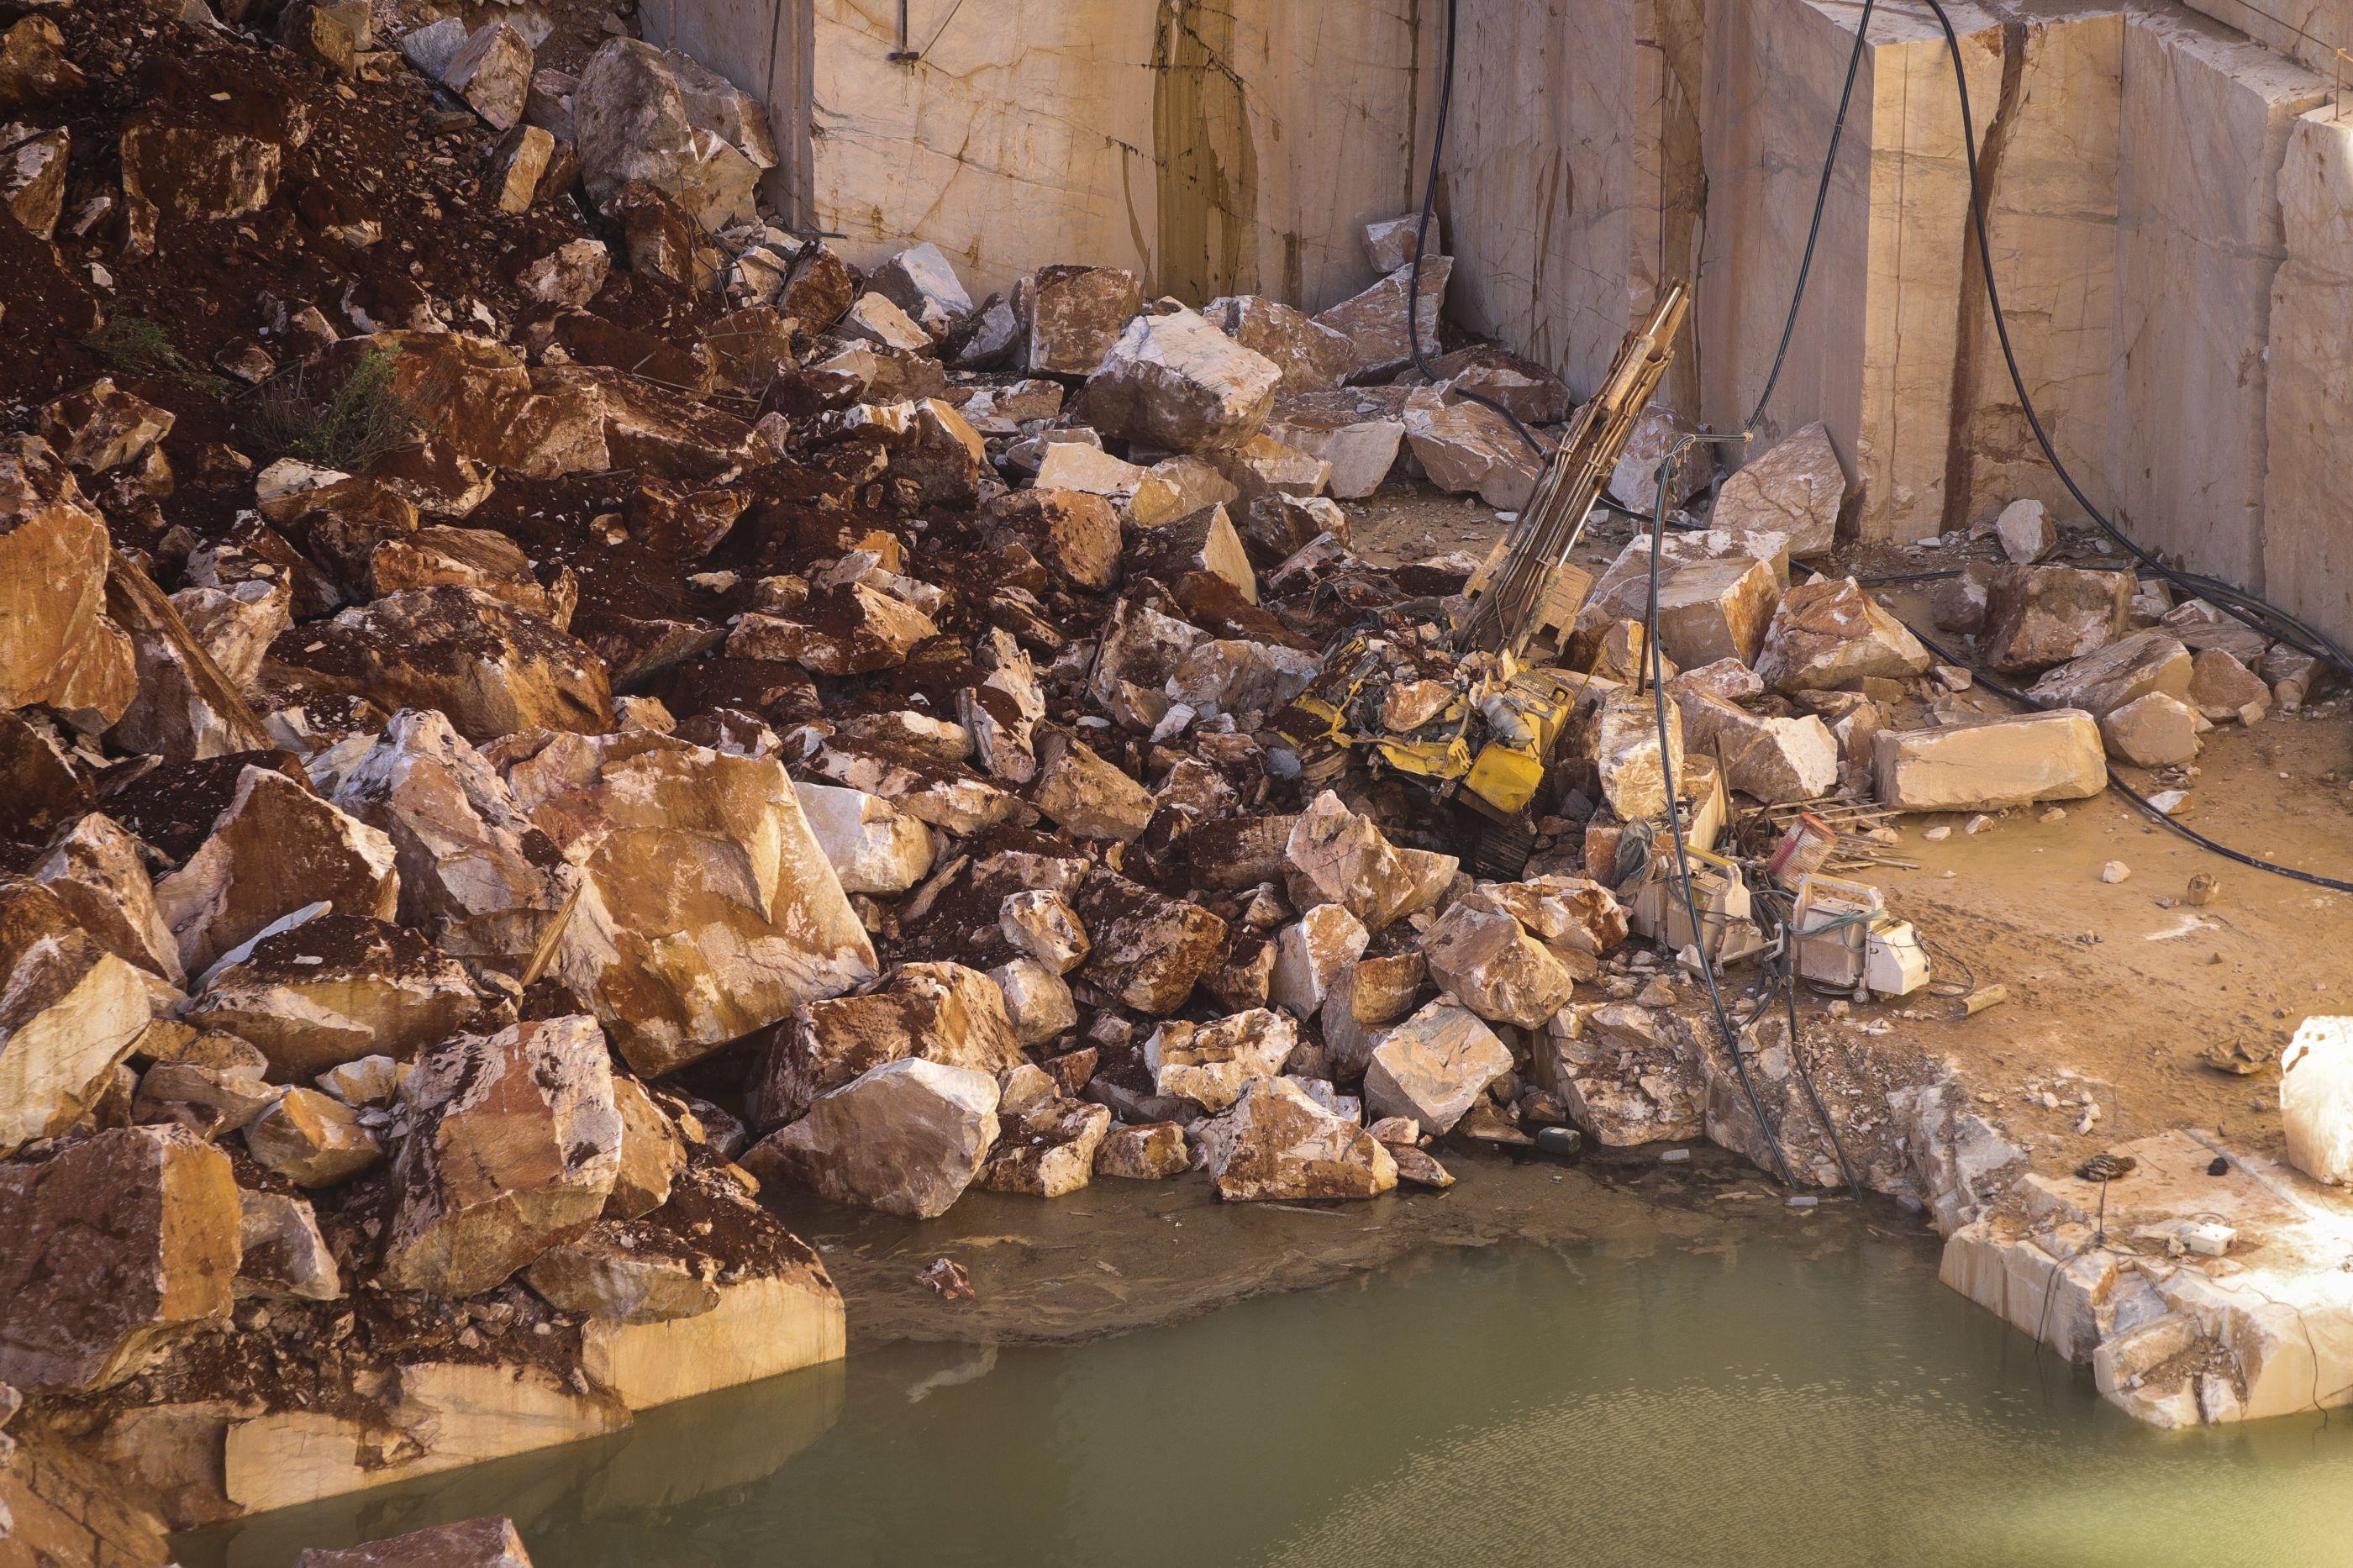 Segundo corpo localizado na pedreira em Borba